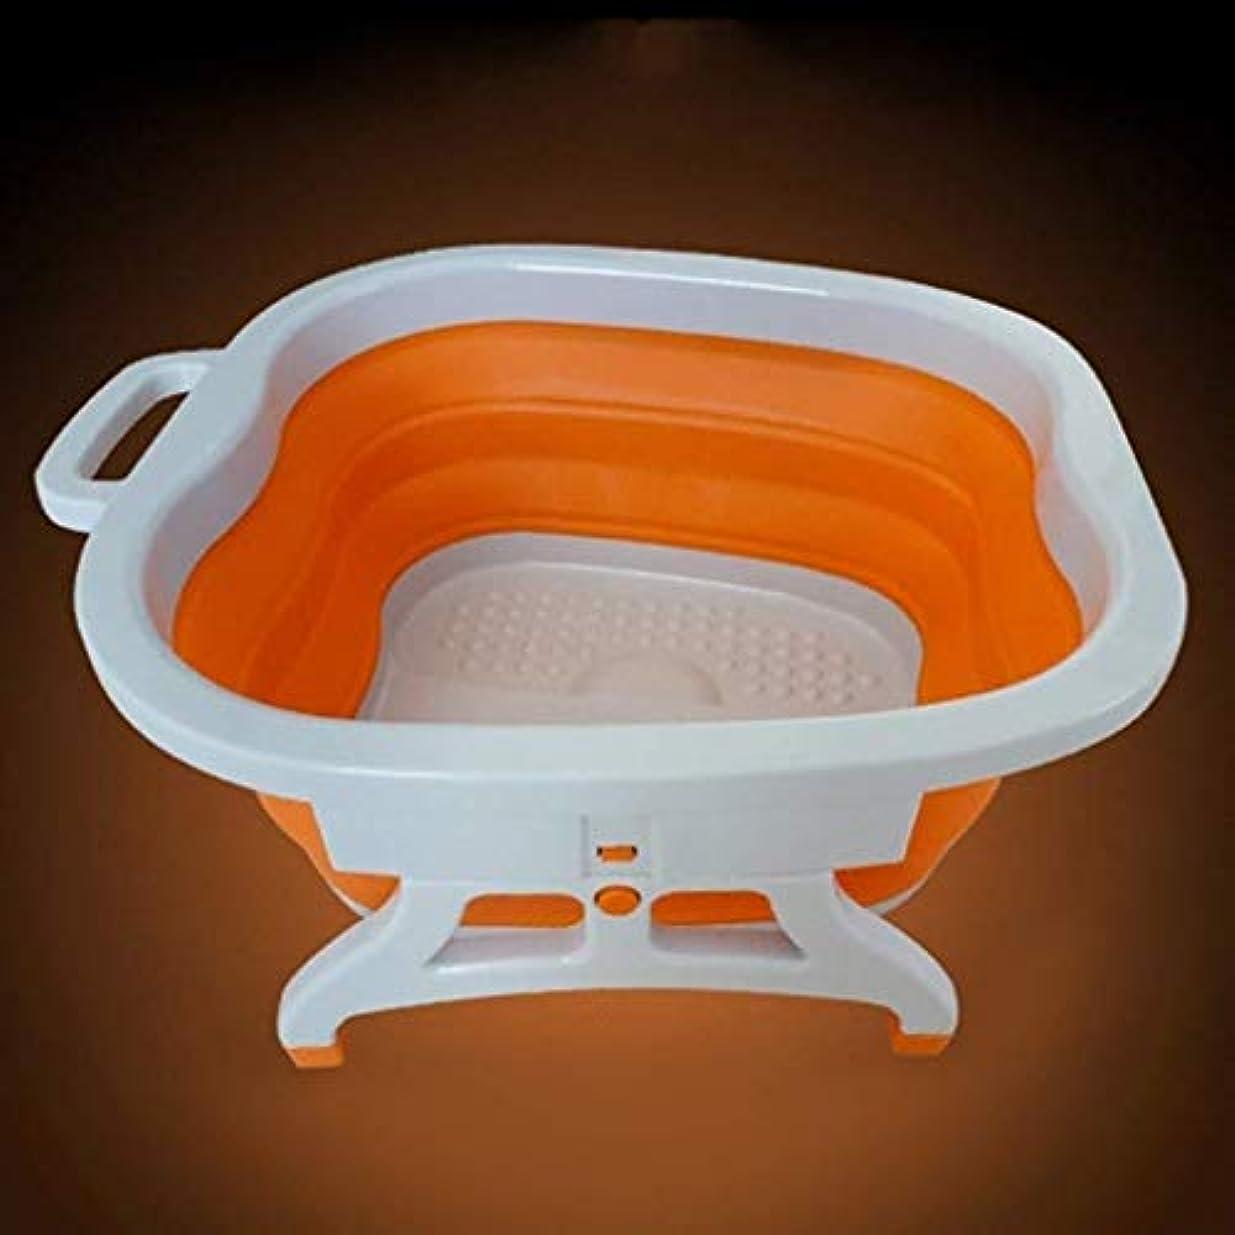 気配りのある感じ叫び声フットバスバレル、スクエア発泡プラスチックボウル、取っ手付きポータブルフットバスバレル、多機能、折り畳み式 (Color : オレンジ)